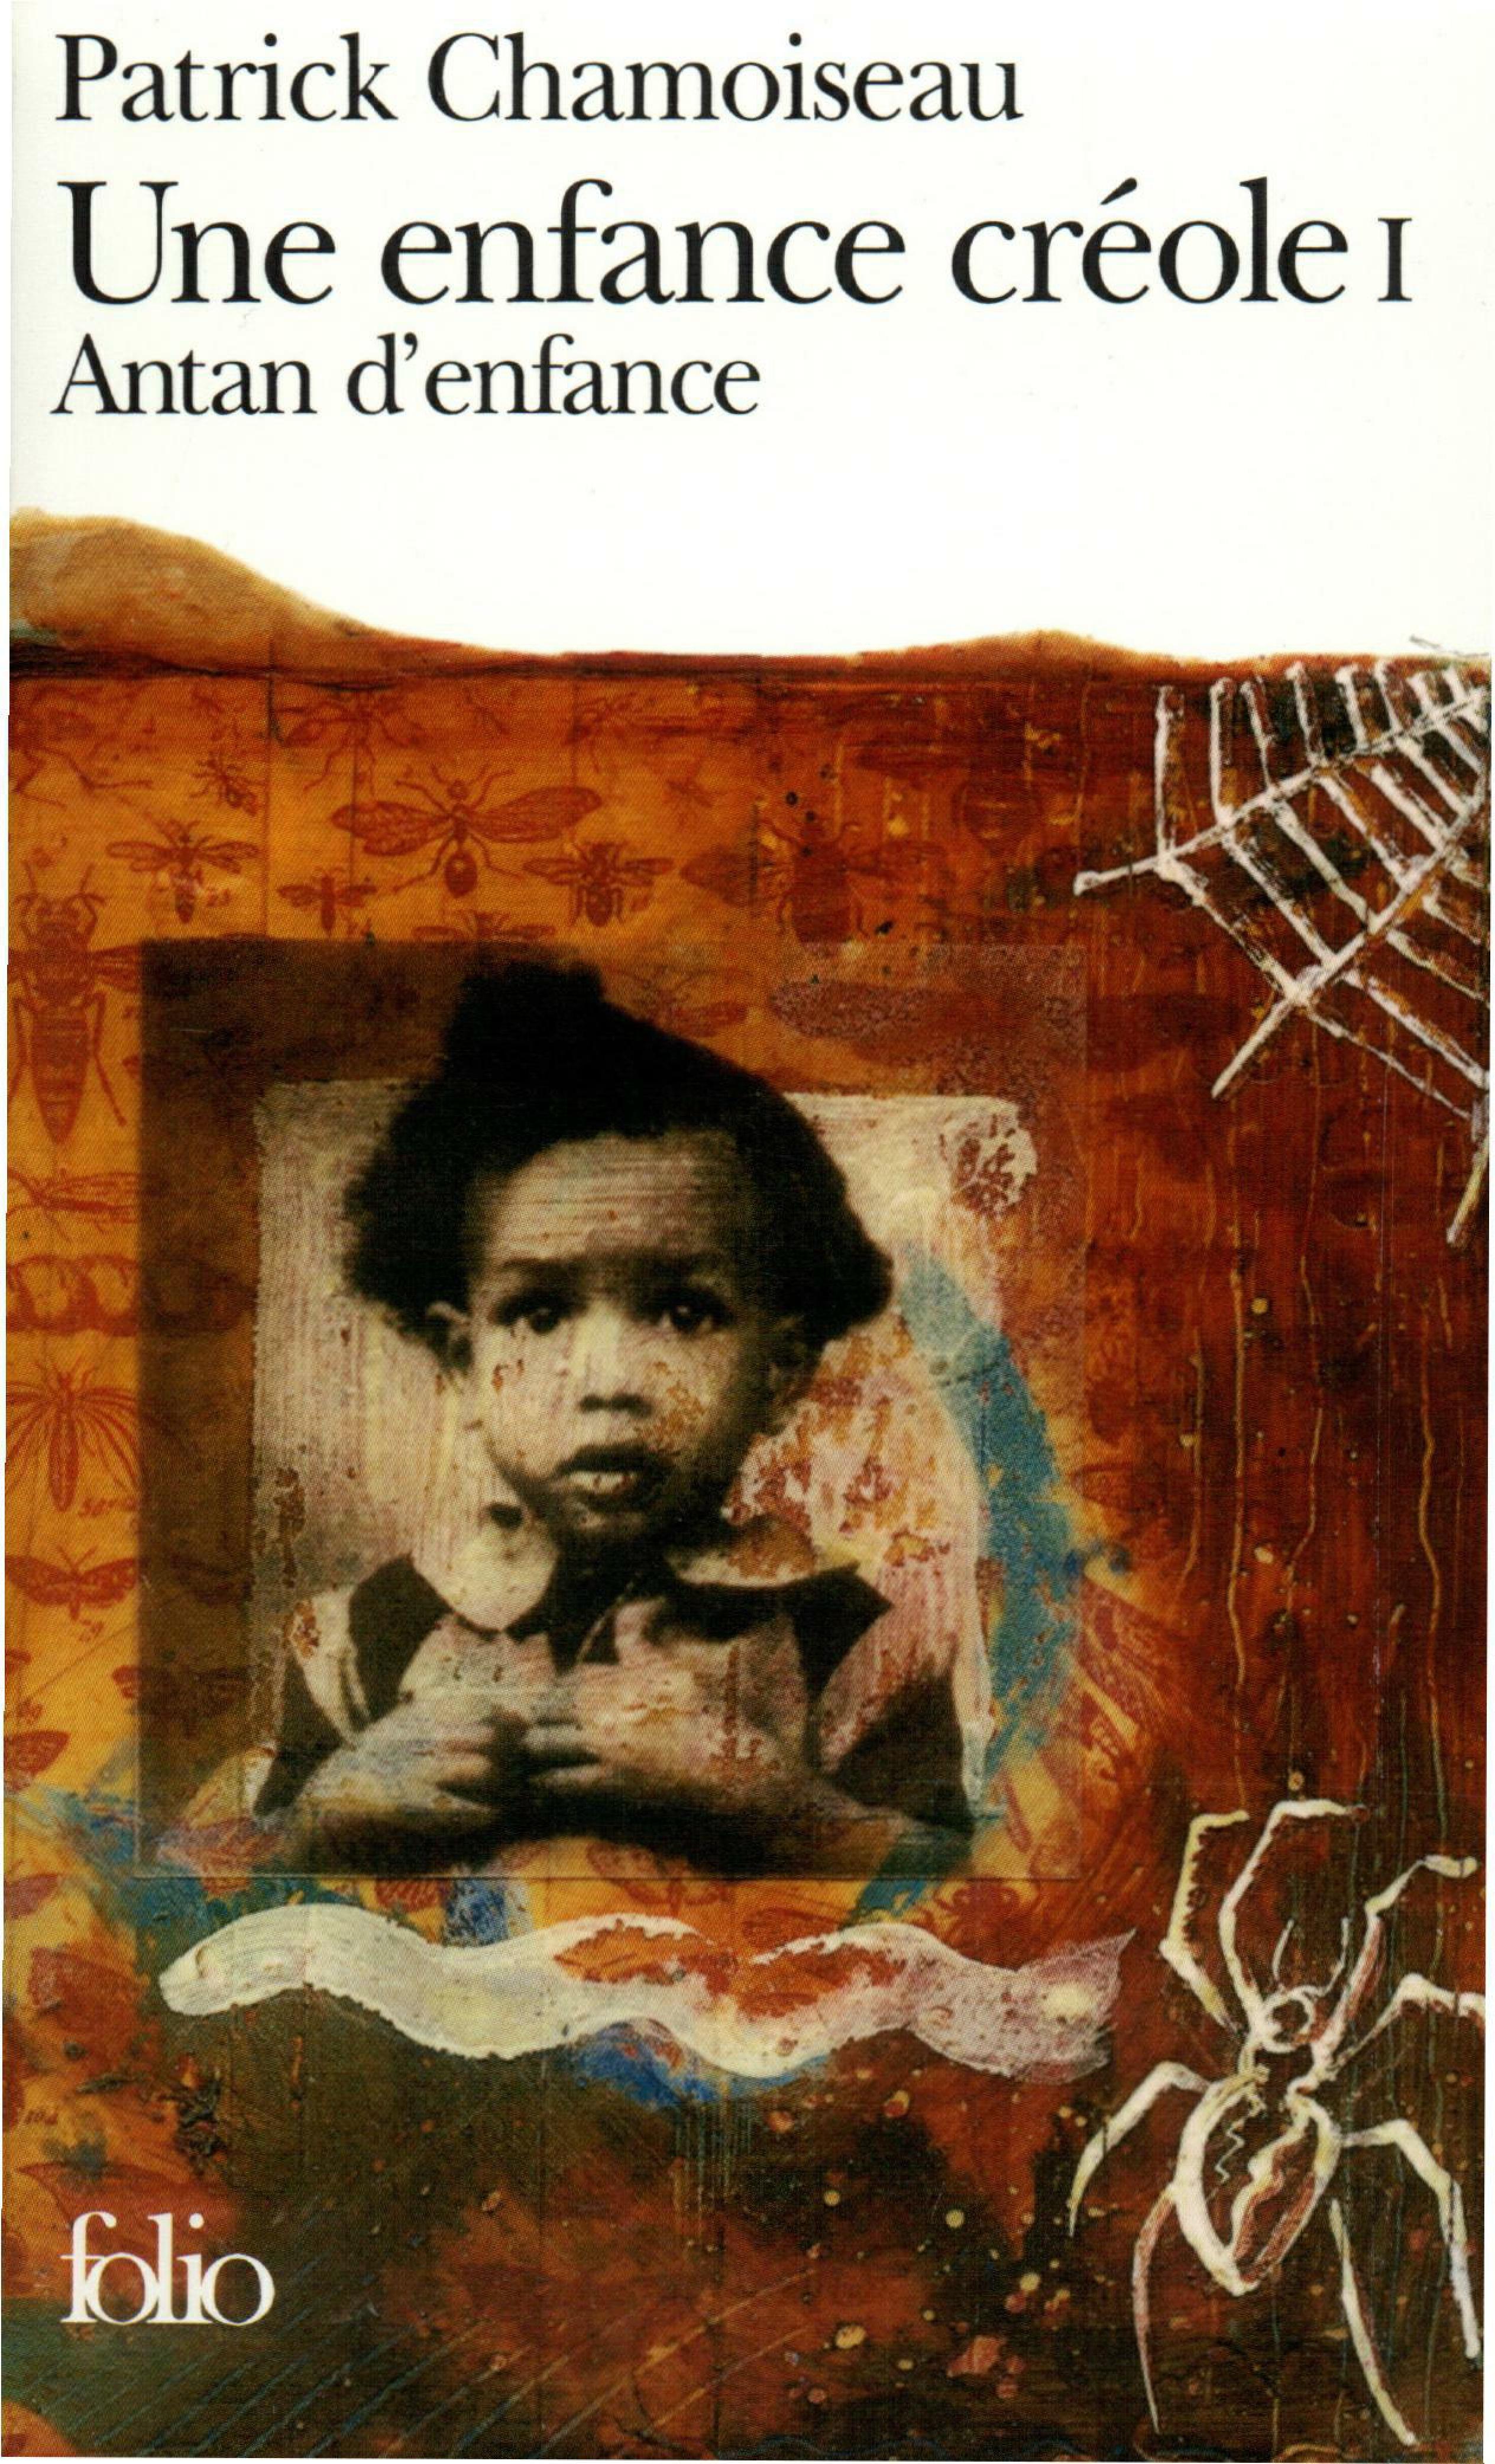 Une enfance créole (Tome 1) - Antan d'enfance